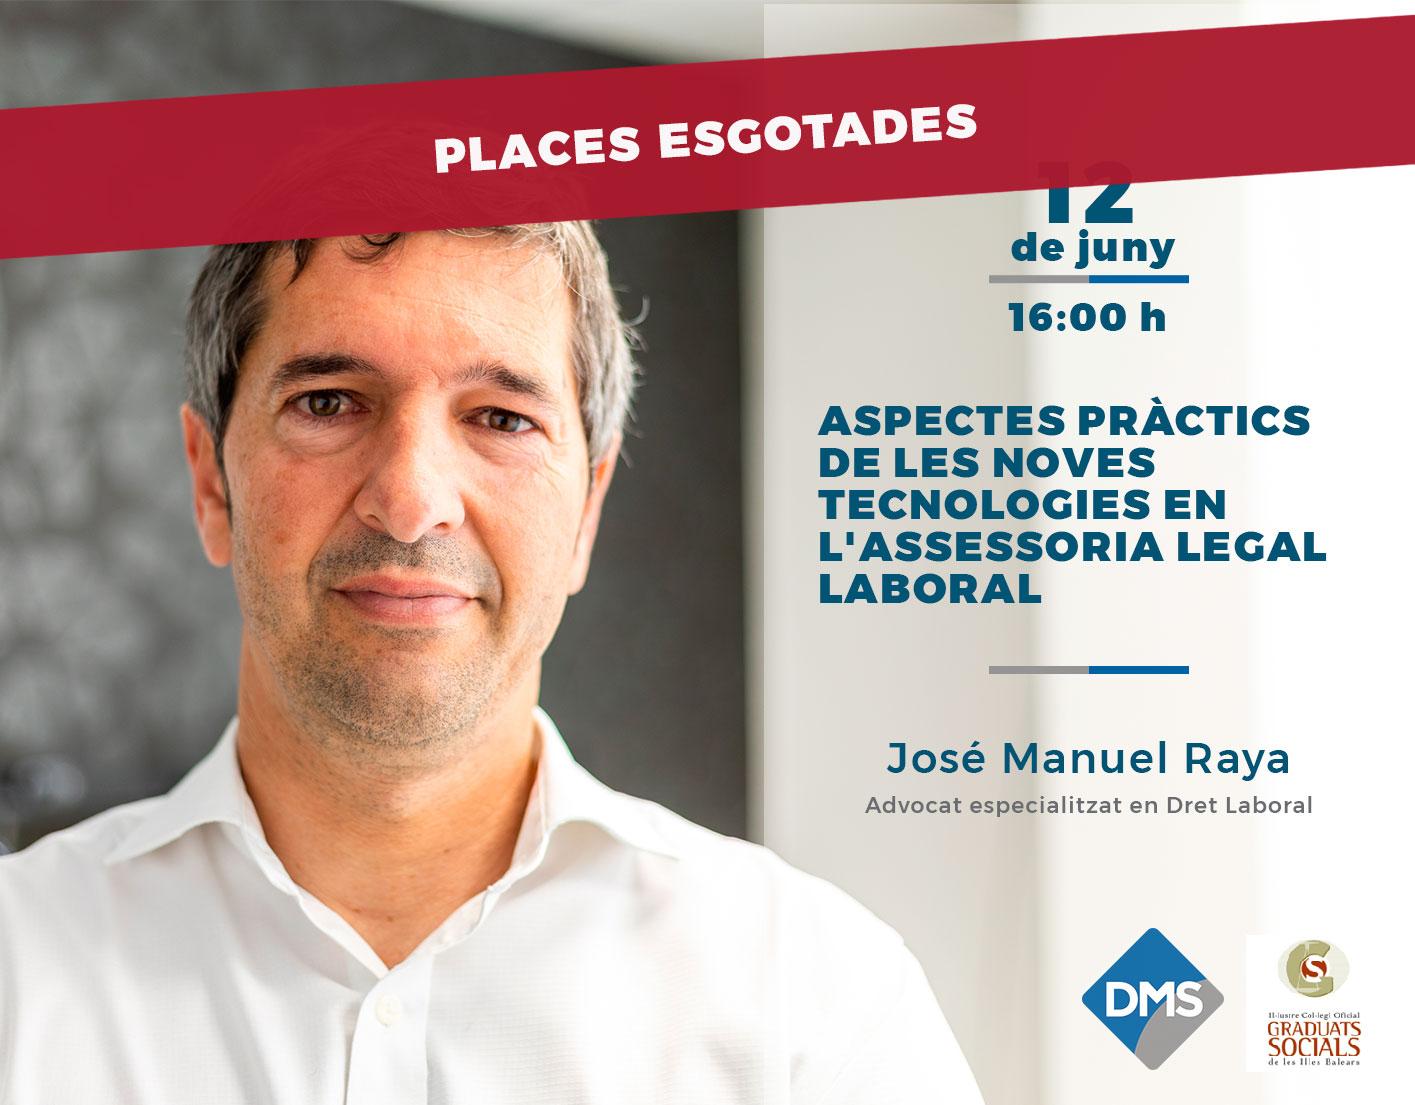 Taller de José Manuel Raya sobre noves tecnologies en l'assessoria legal laboral